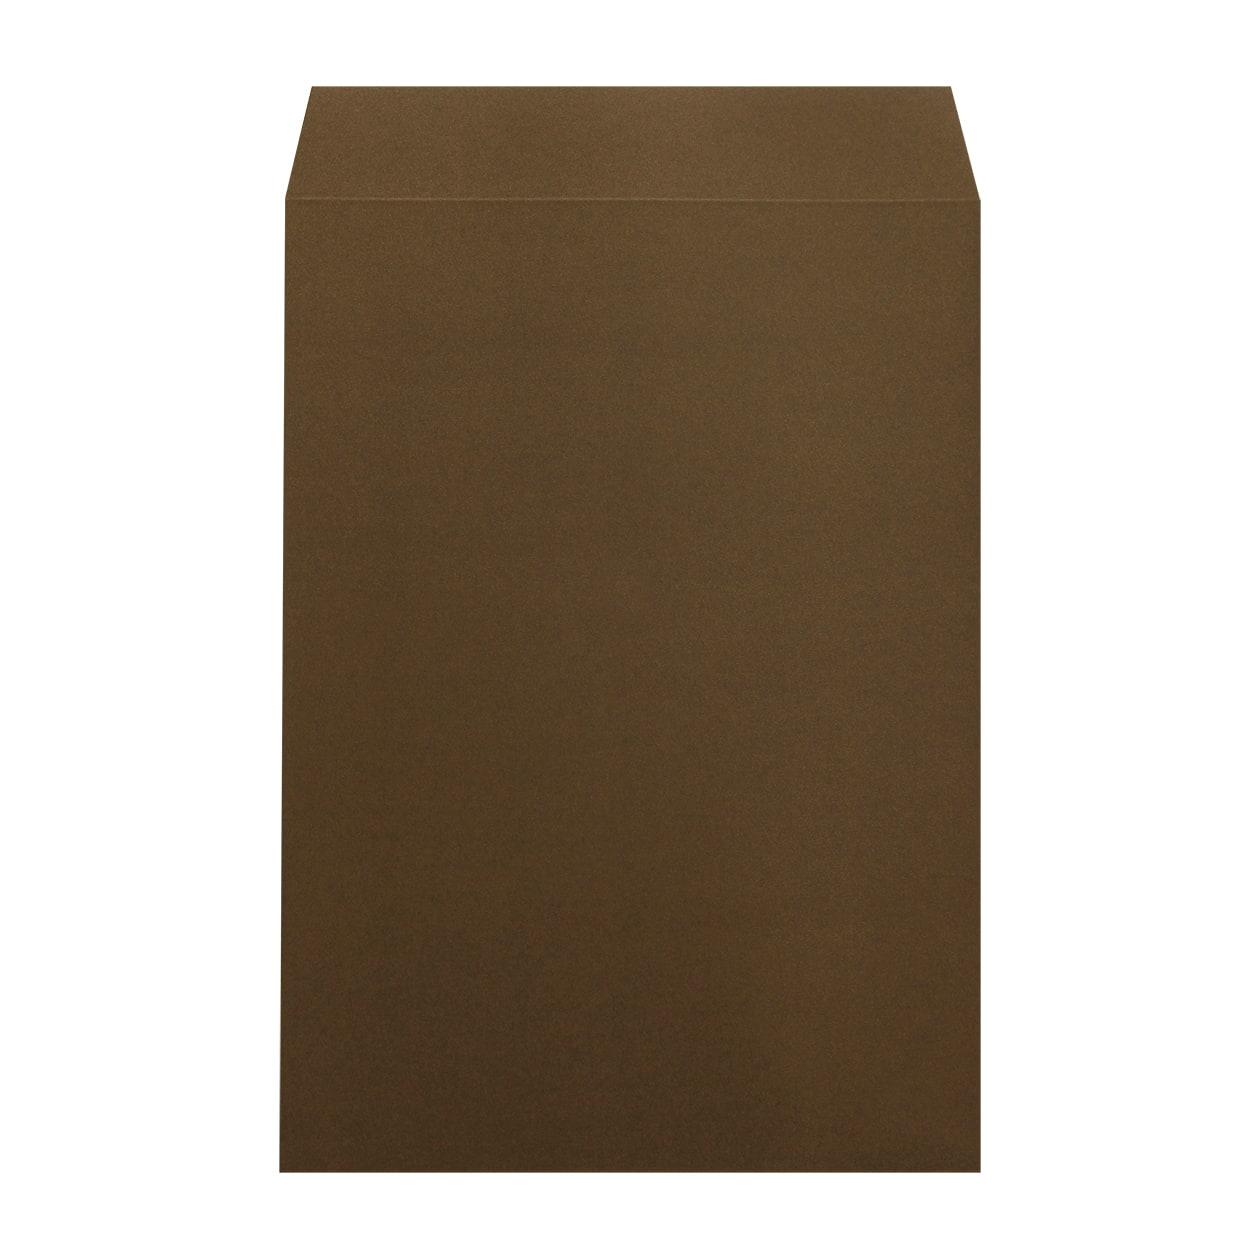 角2封筒 コットンパール チョコレート 125.3g